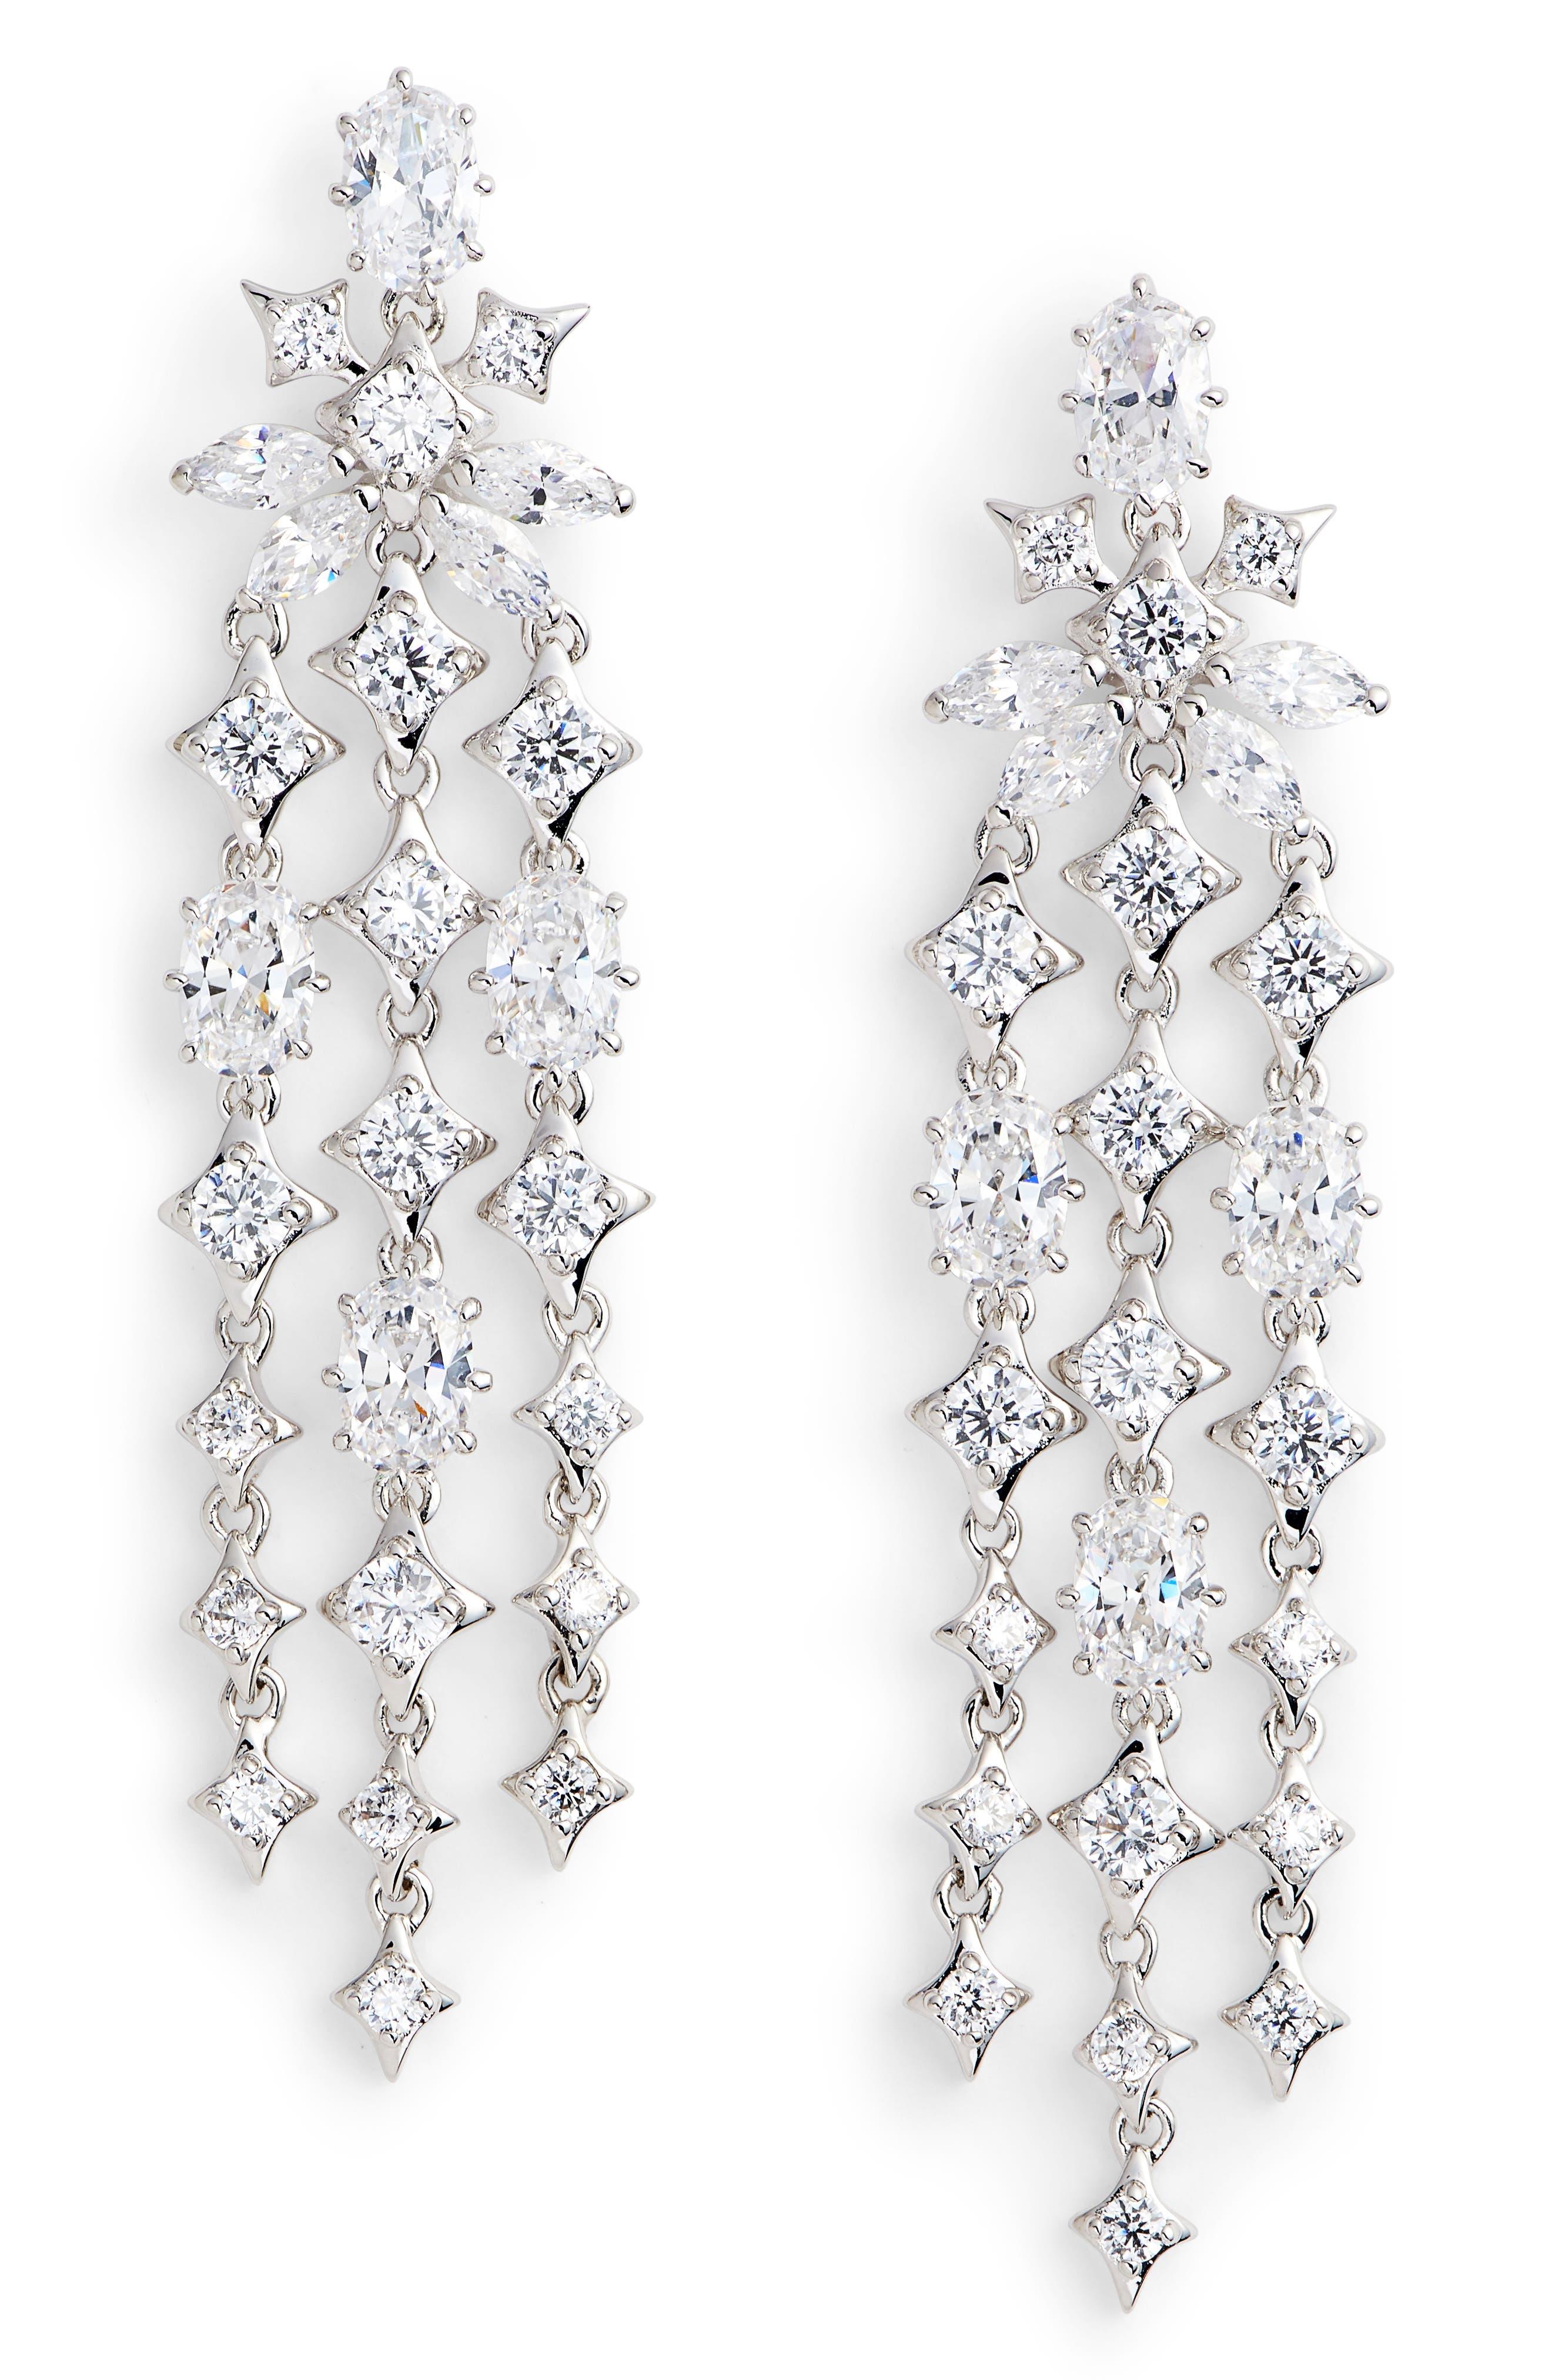 Boho Linear Drop Earrings,                         Main,                         color, Silver/ Clear